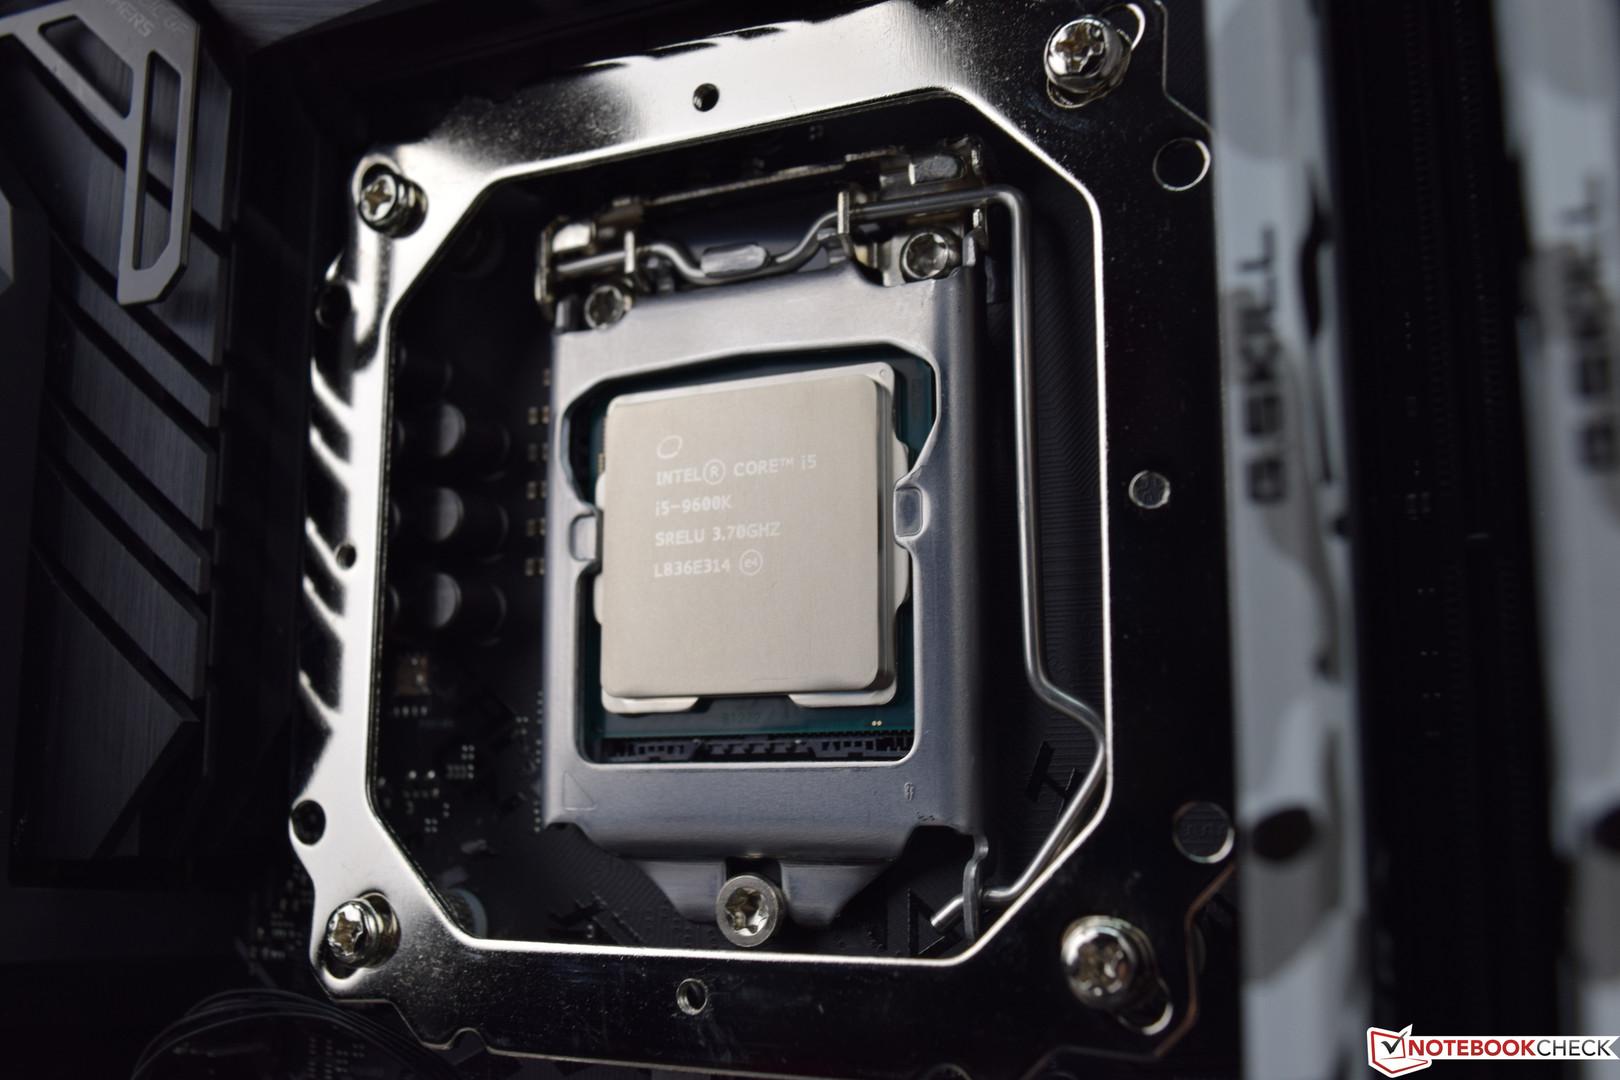 Intel Core i5-9600K Desktop CPU Review - NotebookCheck net